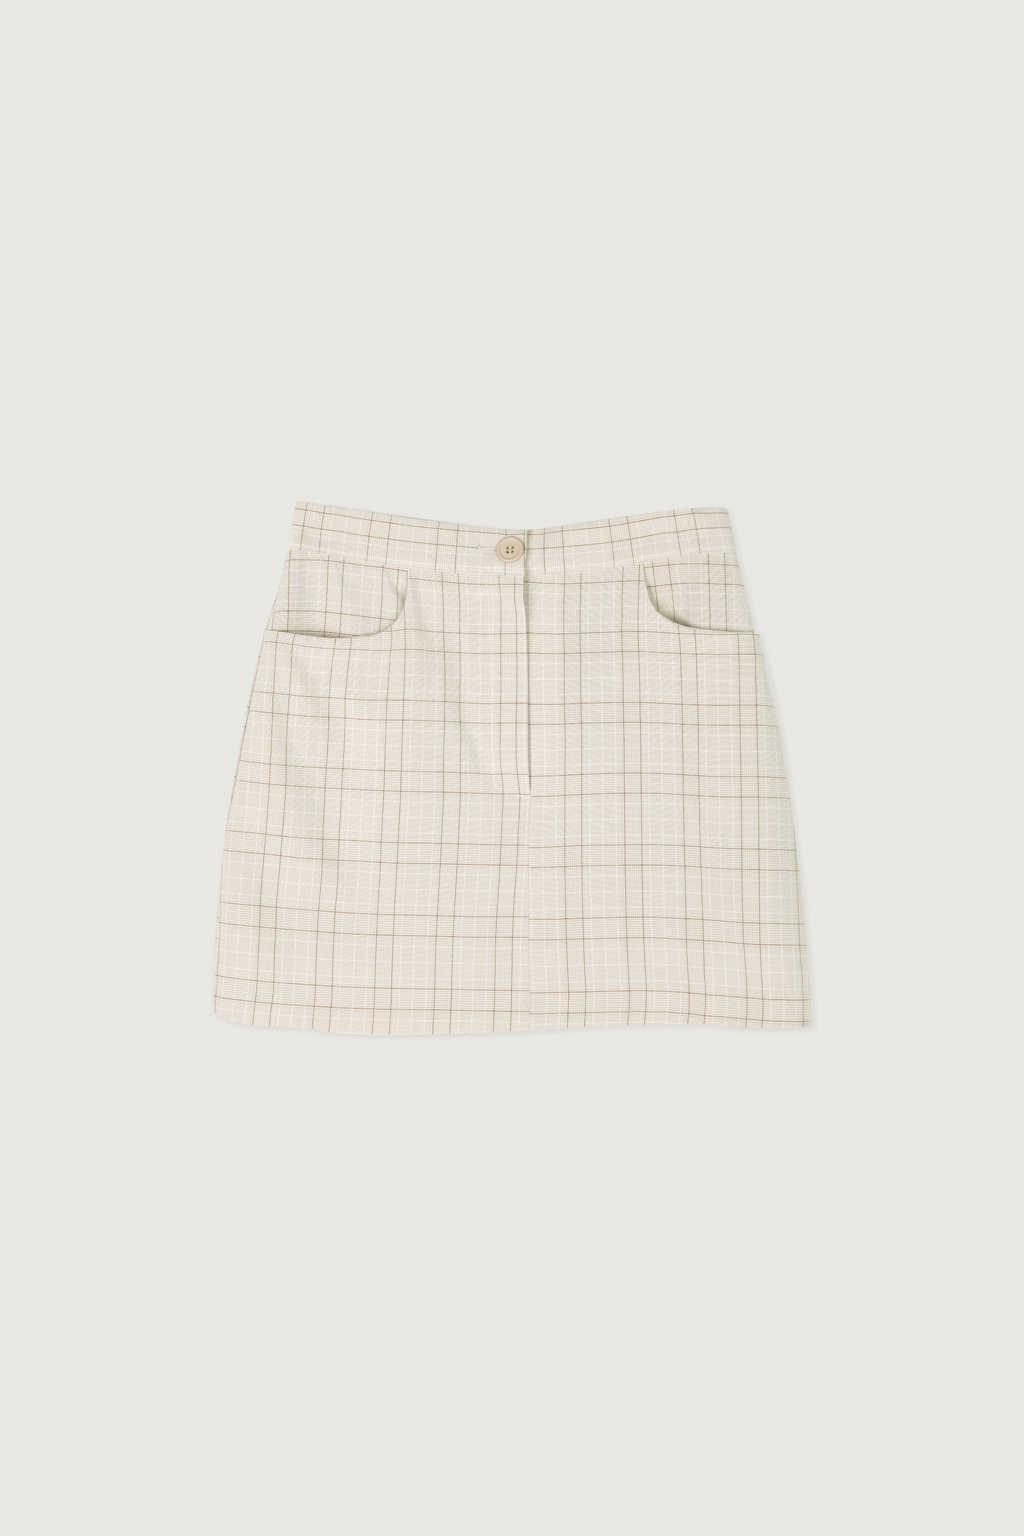 Skirt K017 Beige 5